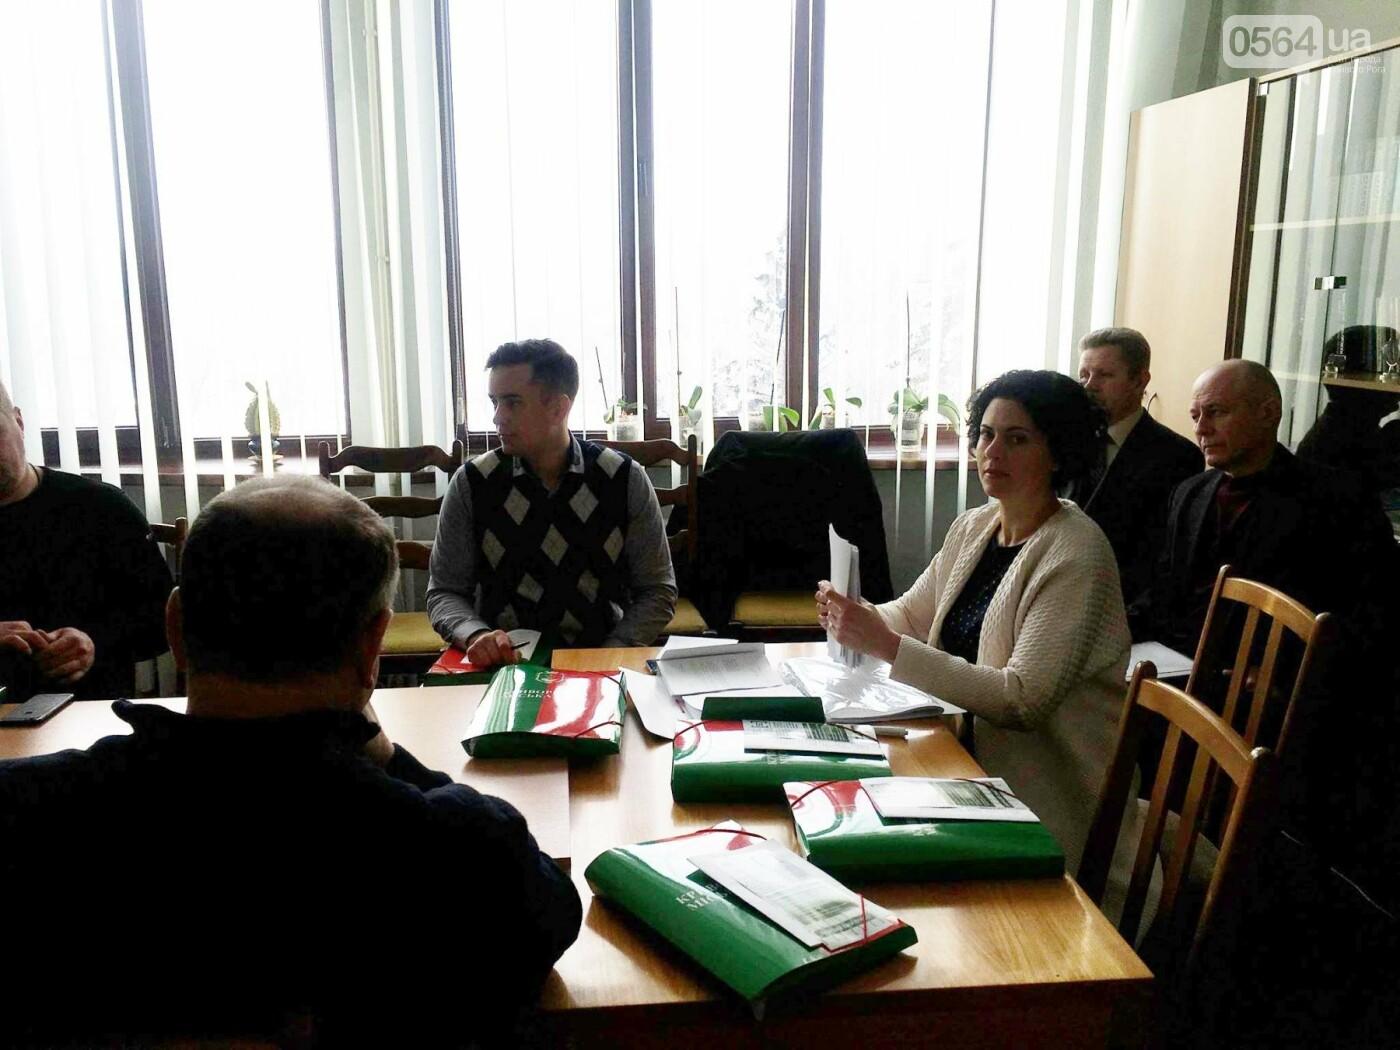 В Кривом Роге комиссия по этике и депутатской дисциплине перенесла заседание из-за отсутствия коллег (ФОТО), фото-8